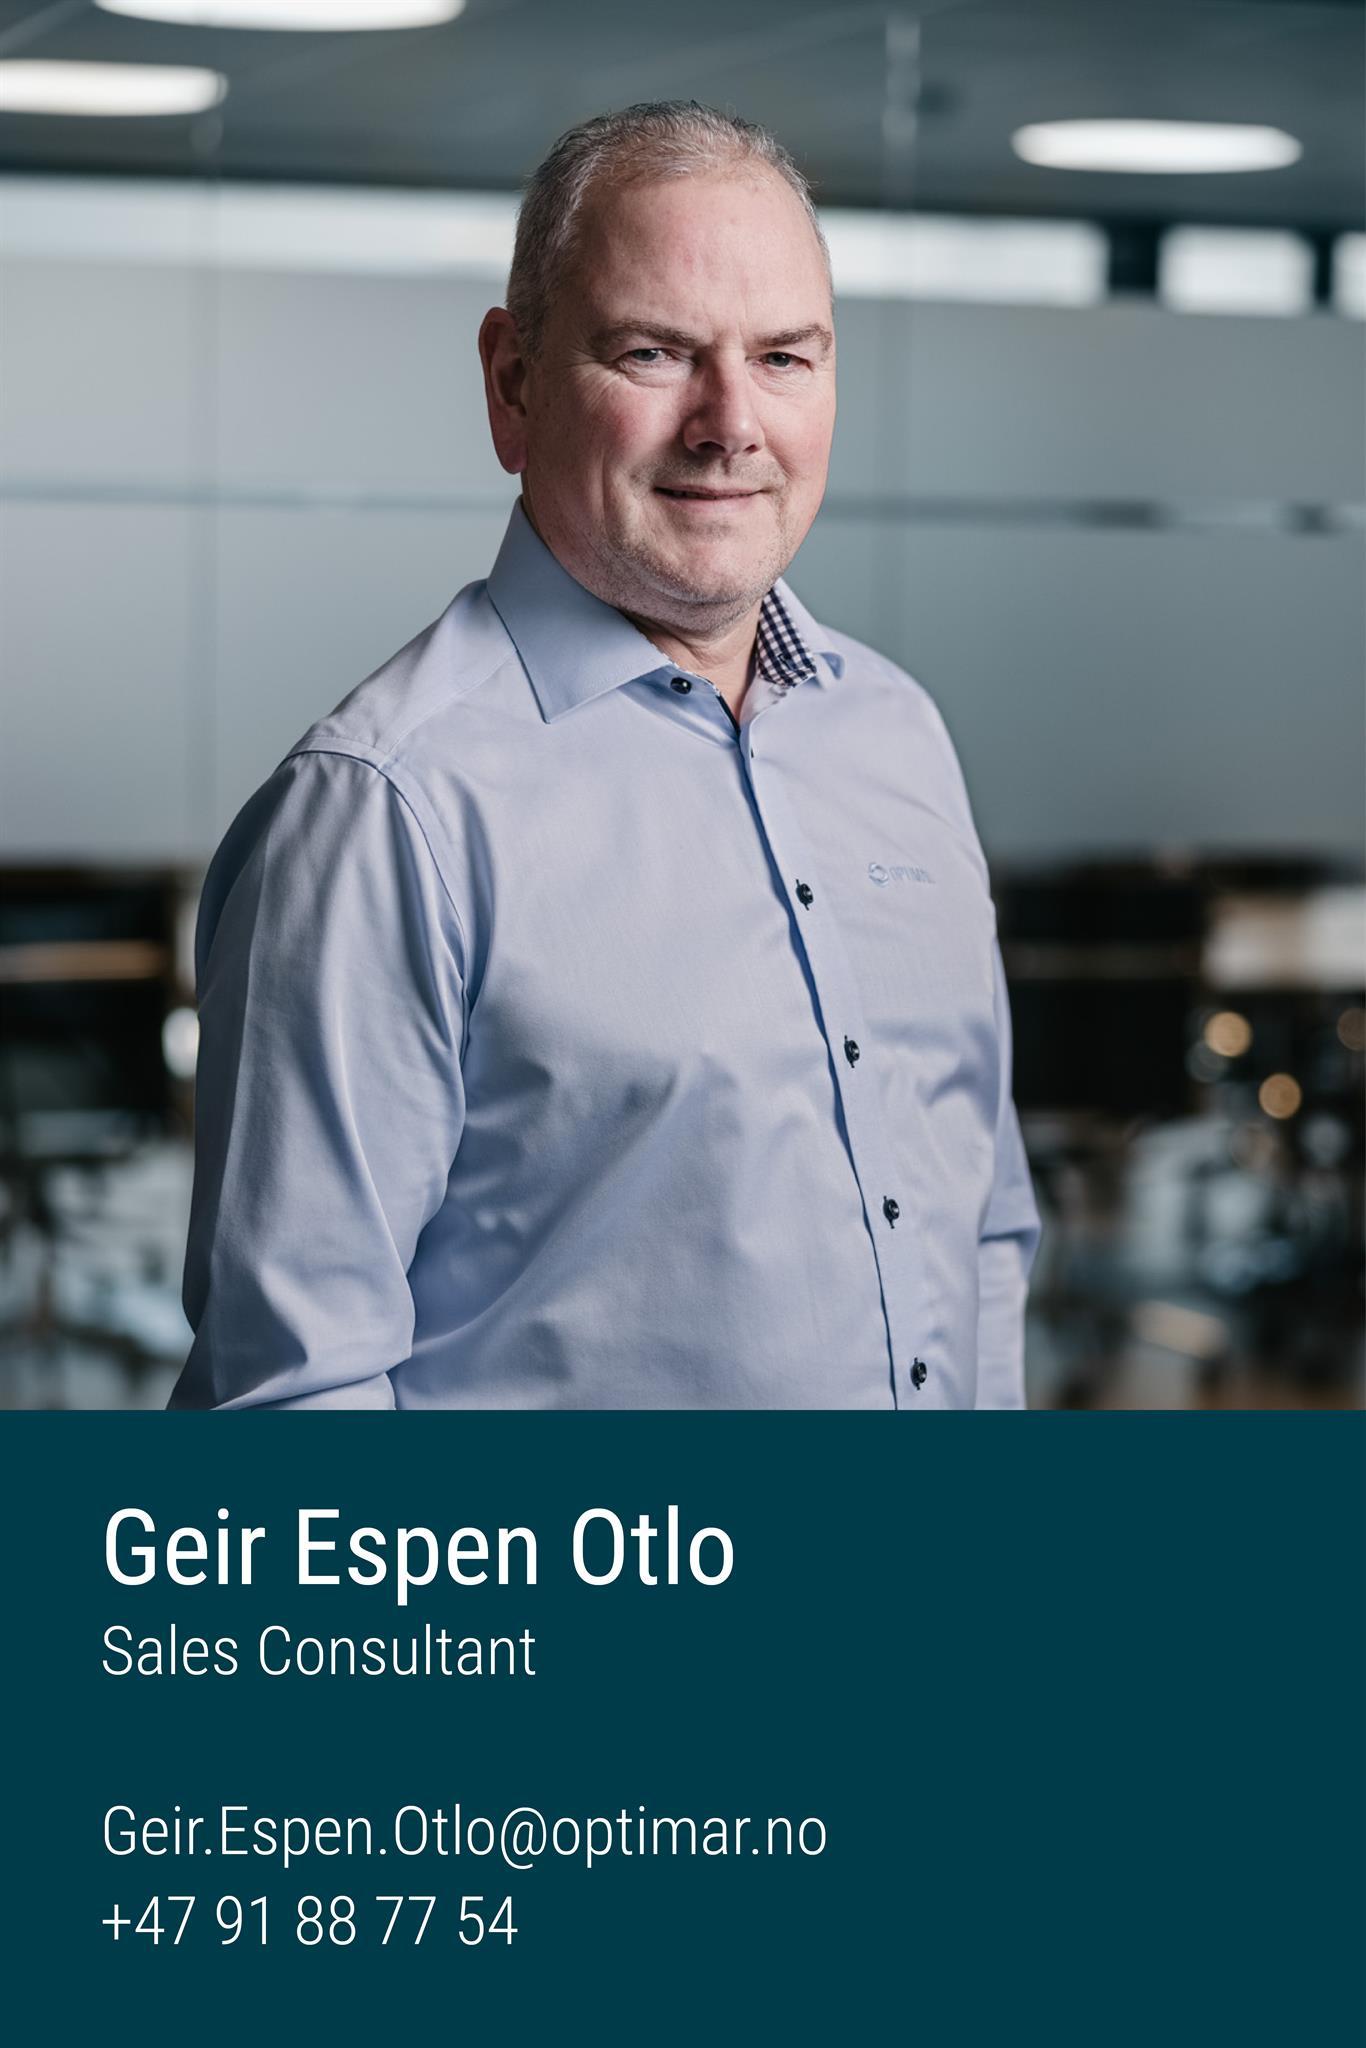 Geir Espen Otlo